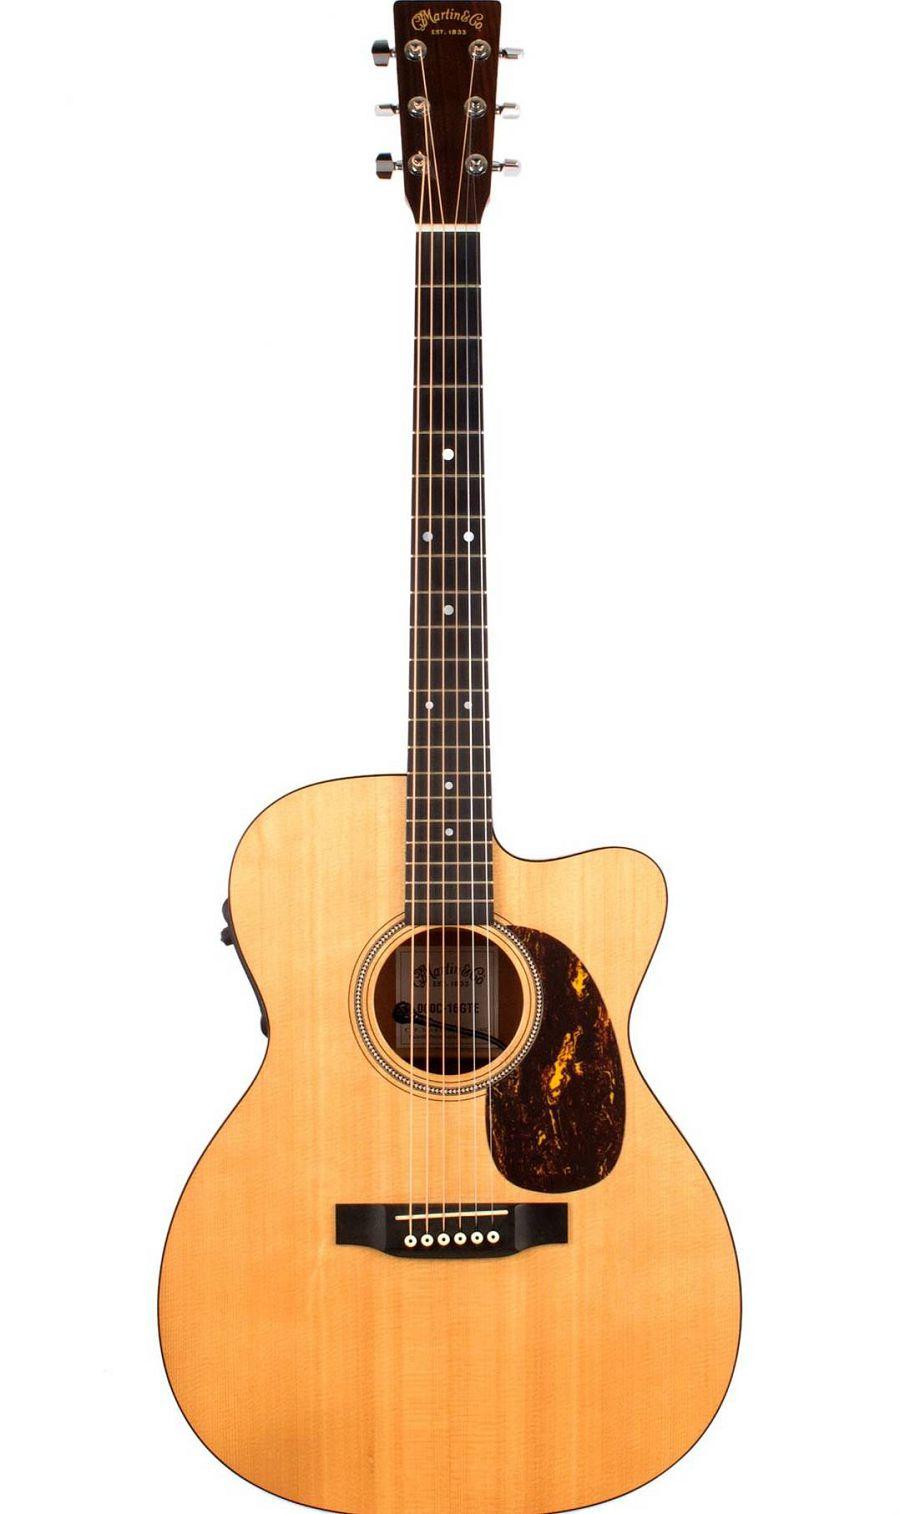 Акустическая гитара ОМ-45 Делюкс от компании C.F. Martin and Company